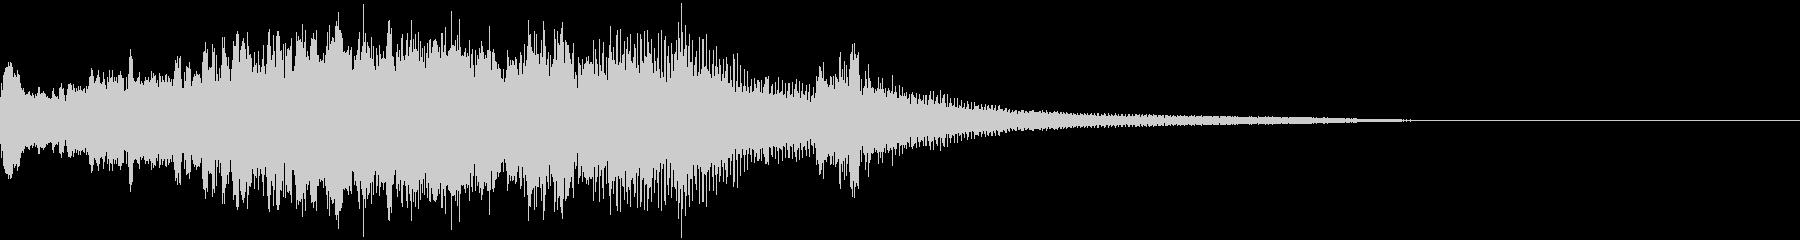 オープニング感、タイトルロゴ、ピアノの未再生の波形